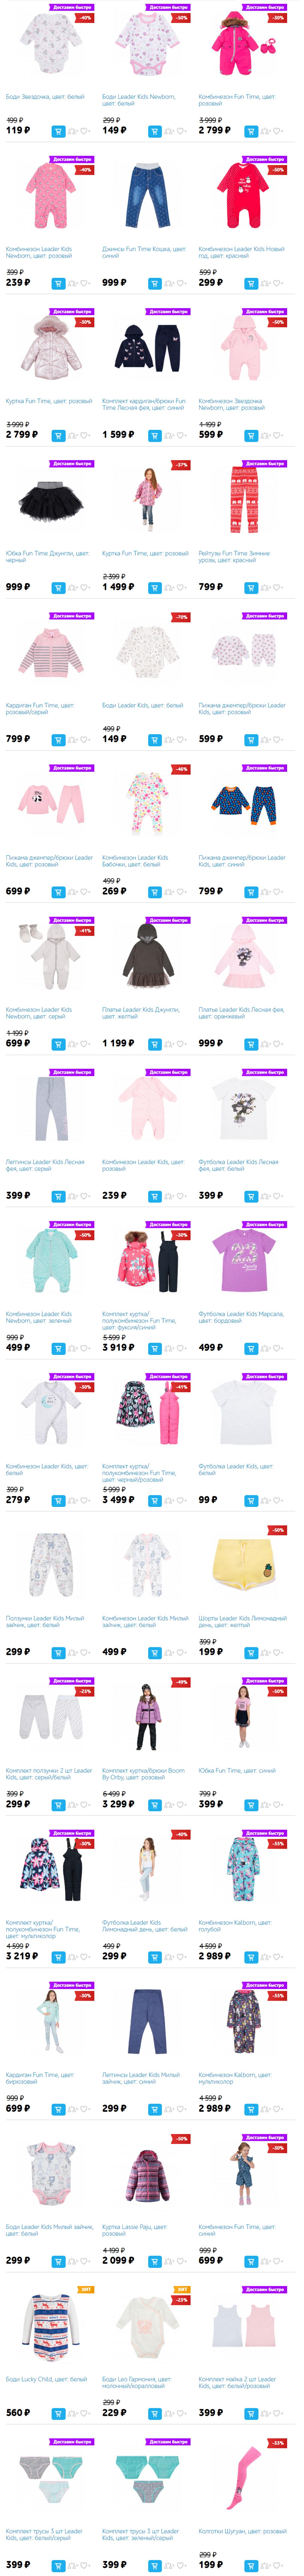 Детская одежда для девочек в каталоге Дочки-Сыночки Апатиты